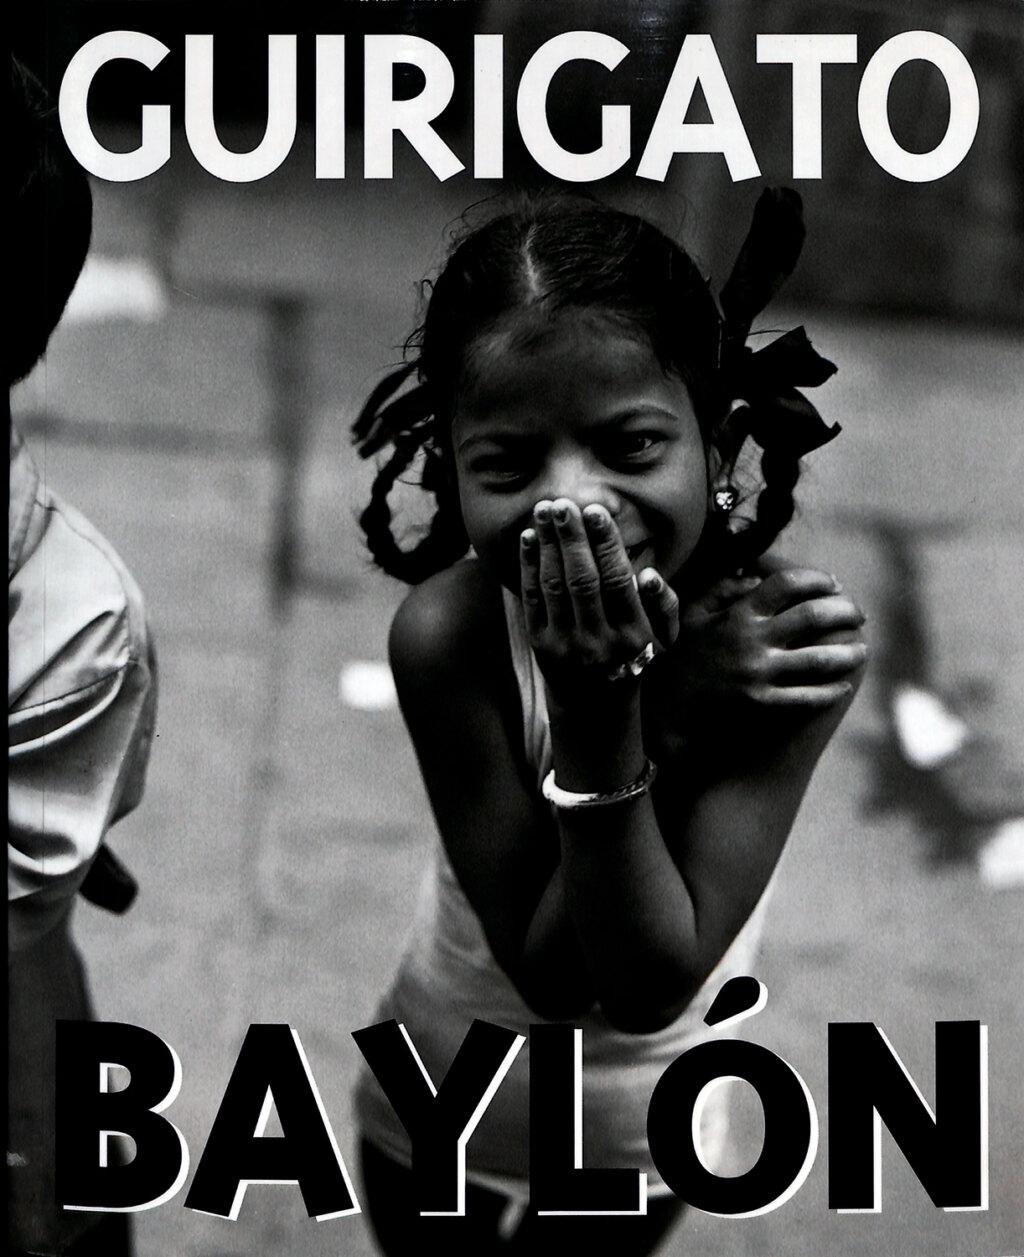 Portada del catalogo Guirigato Baylon en la que aparece una fotografía en blanco y negro de una niña agachada en una calle con tapandose la boca con su mano